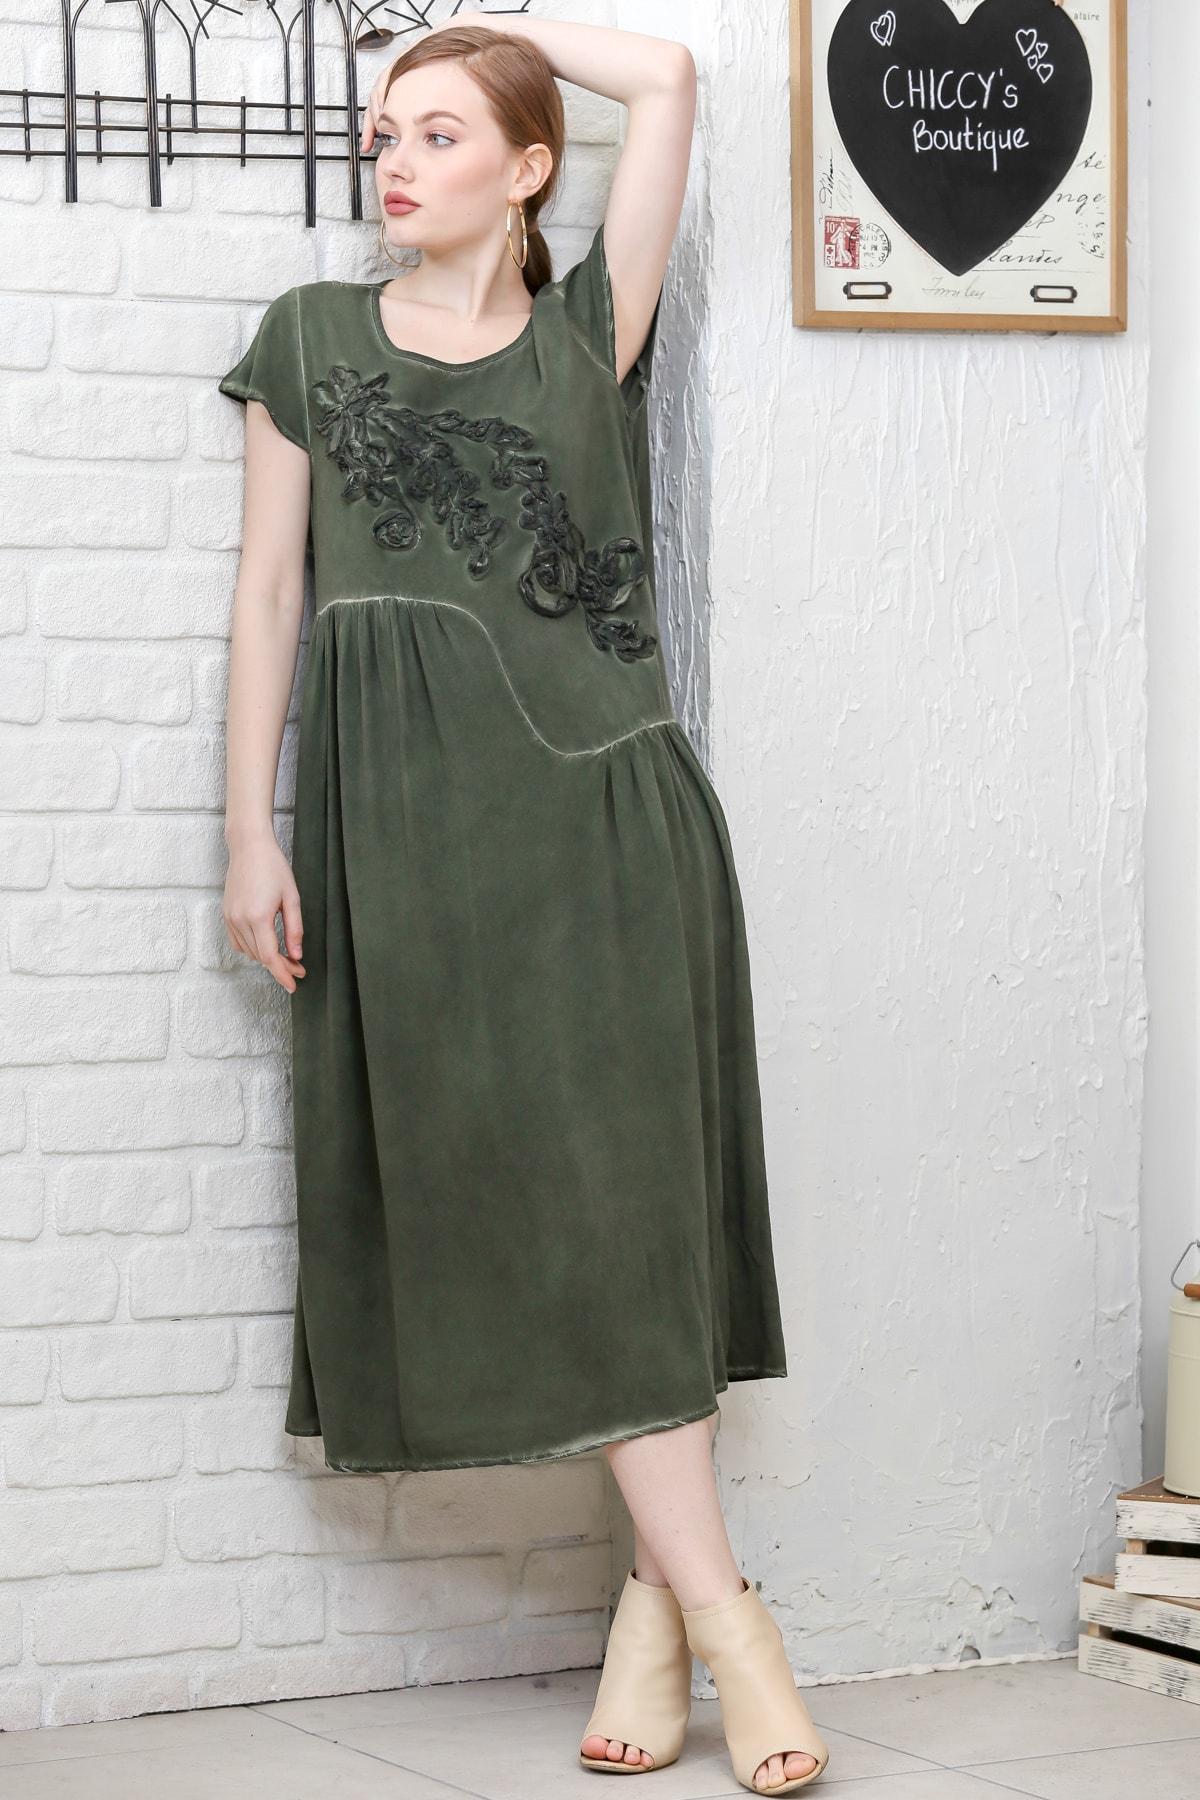 Chiccy Kadın Siyah Sıfır Yaka Süzene Çiçek Aplikeli Salaş Yıkamalı Elbise M10160000EL95154 1